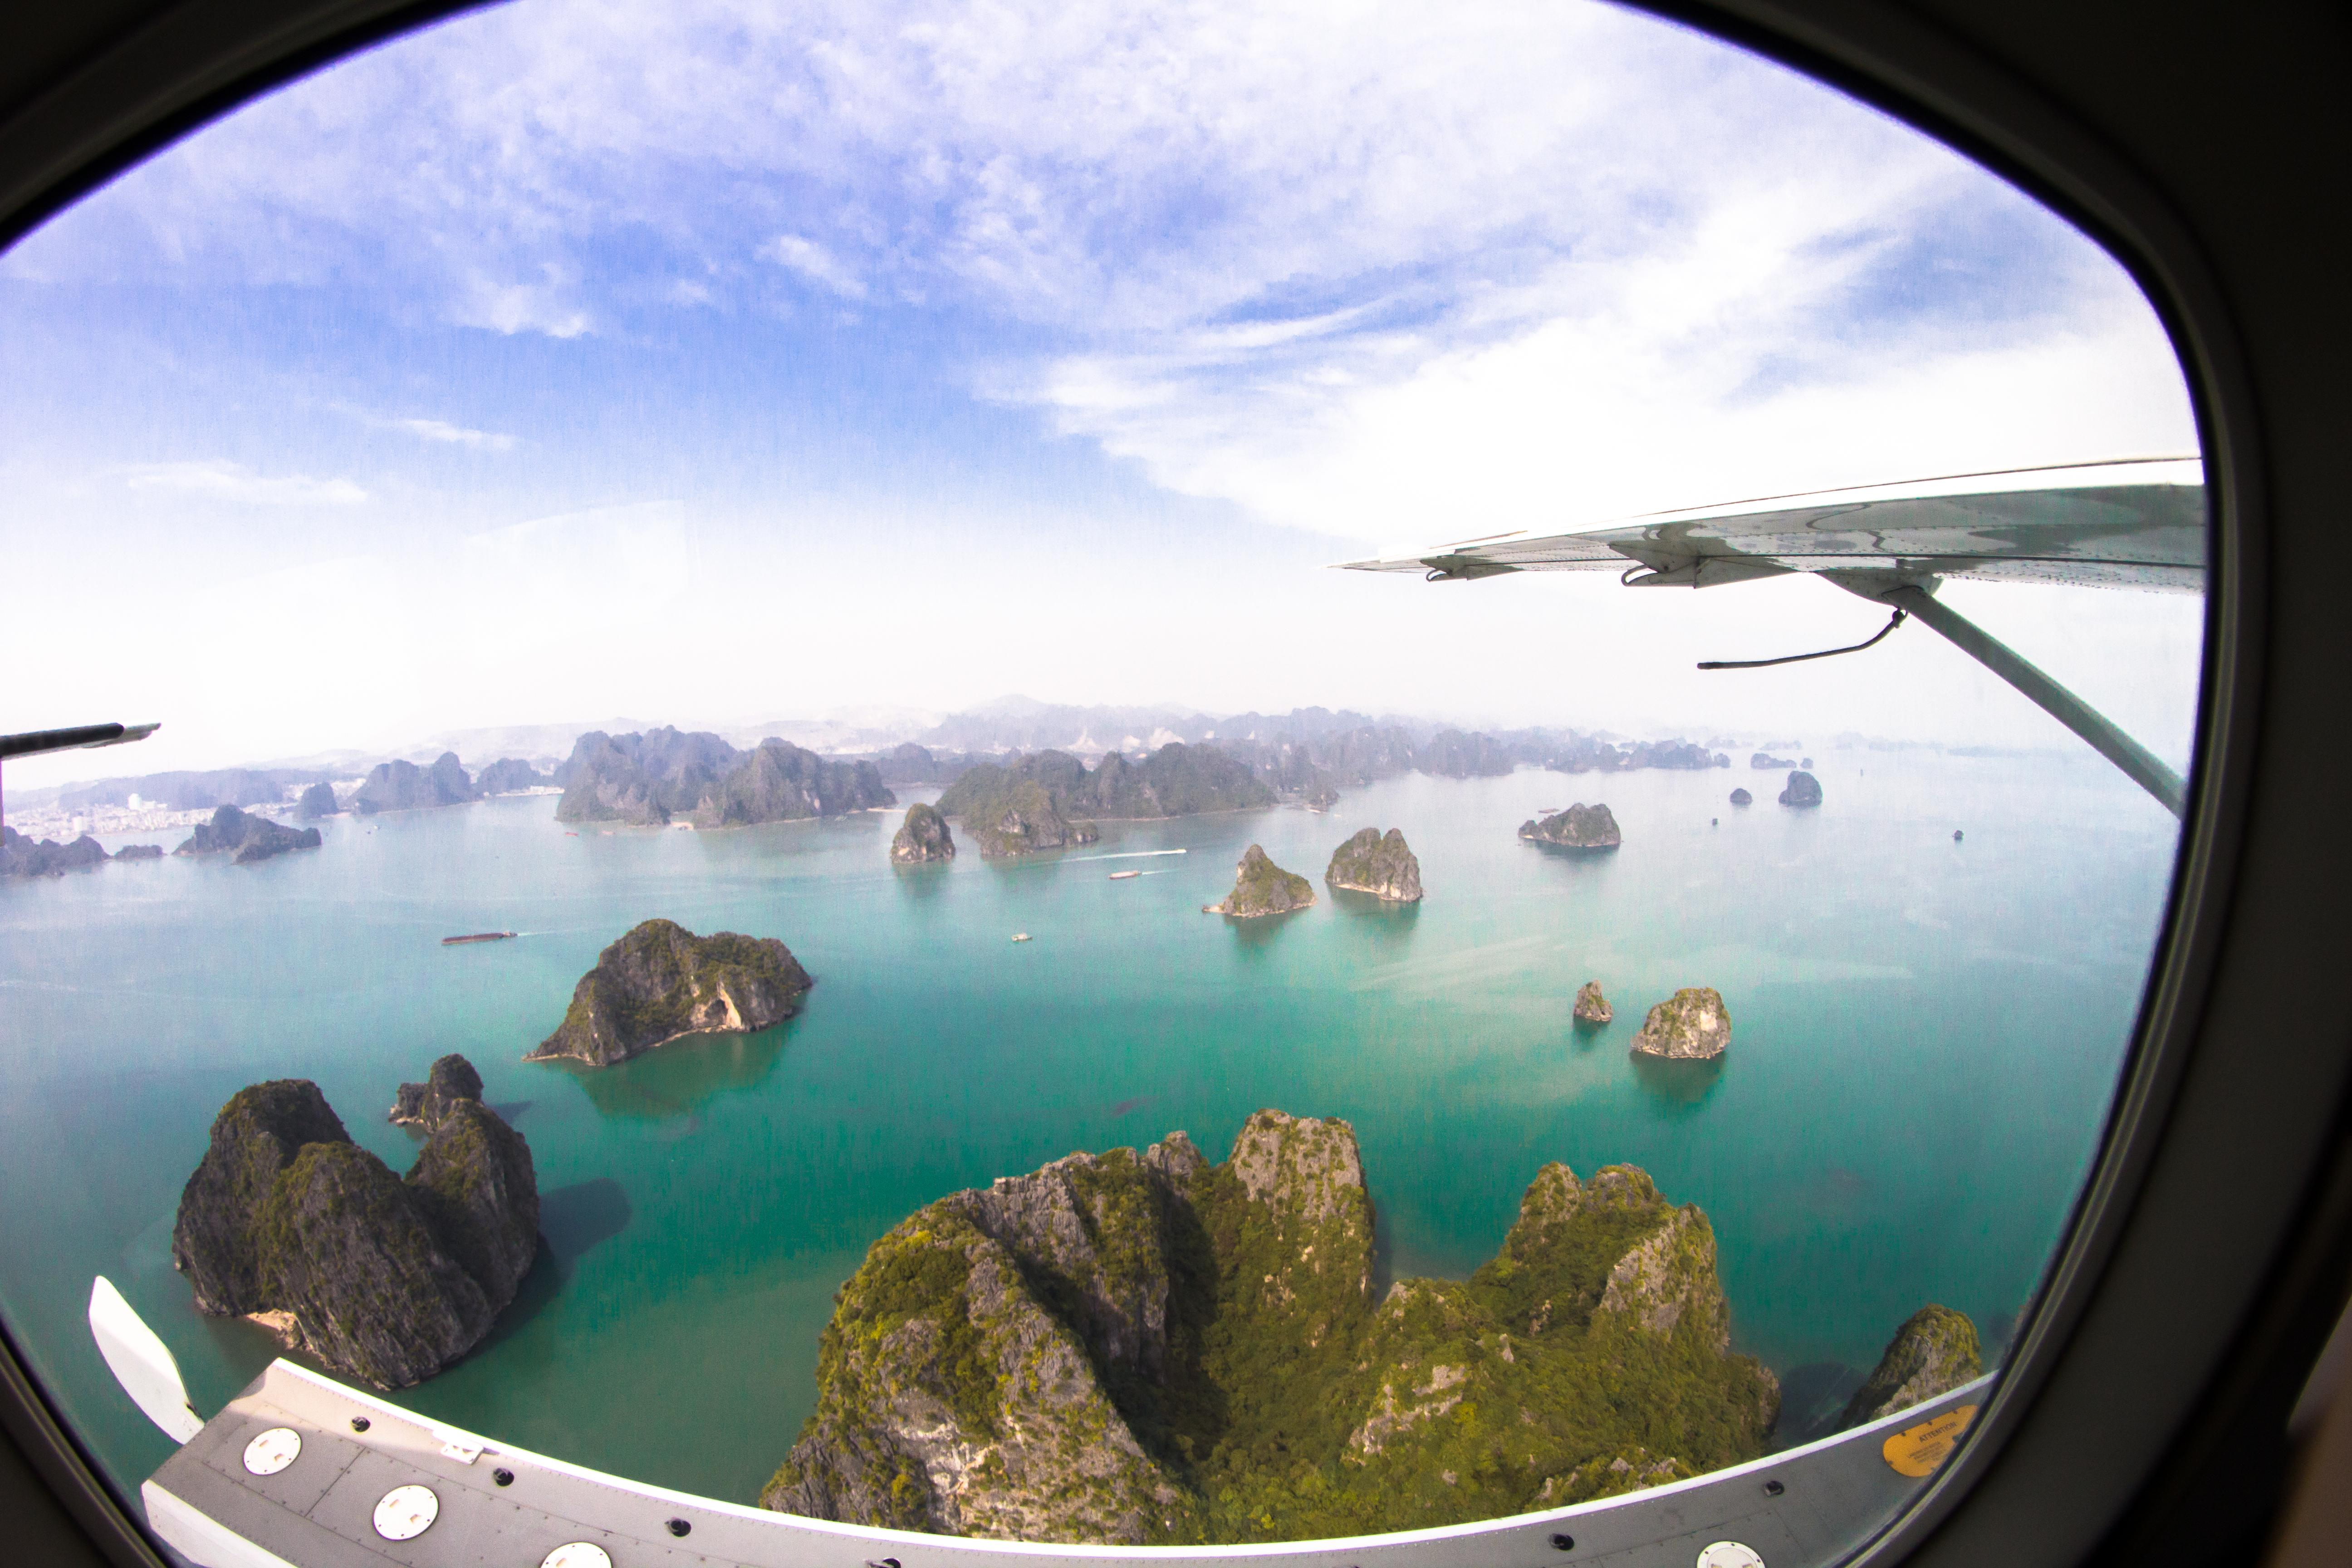 Du lịch Hạ Long với 5 trải nghiệm mới lạ cho một mùa hè sôi động